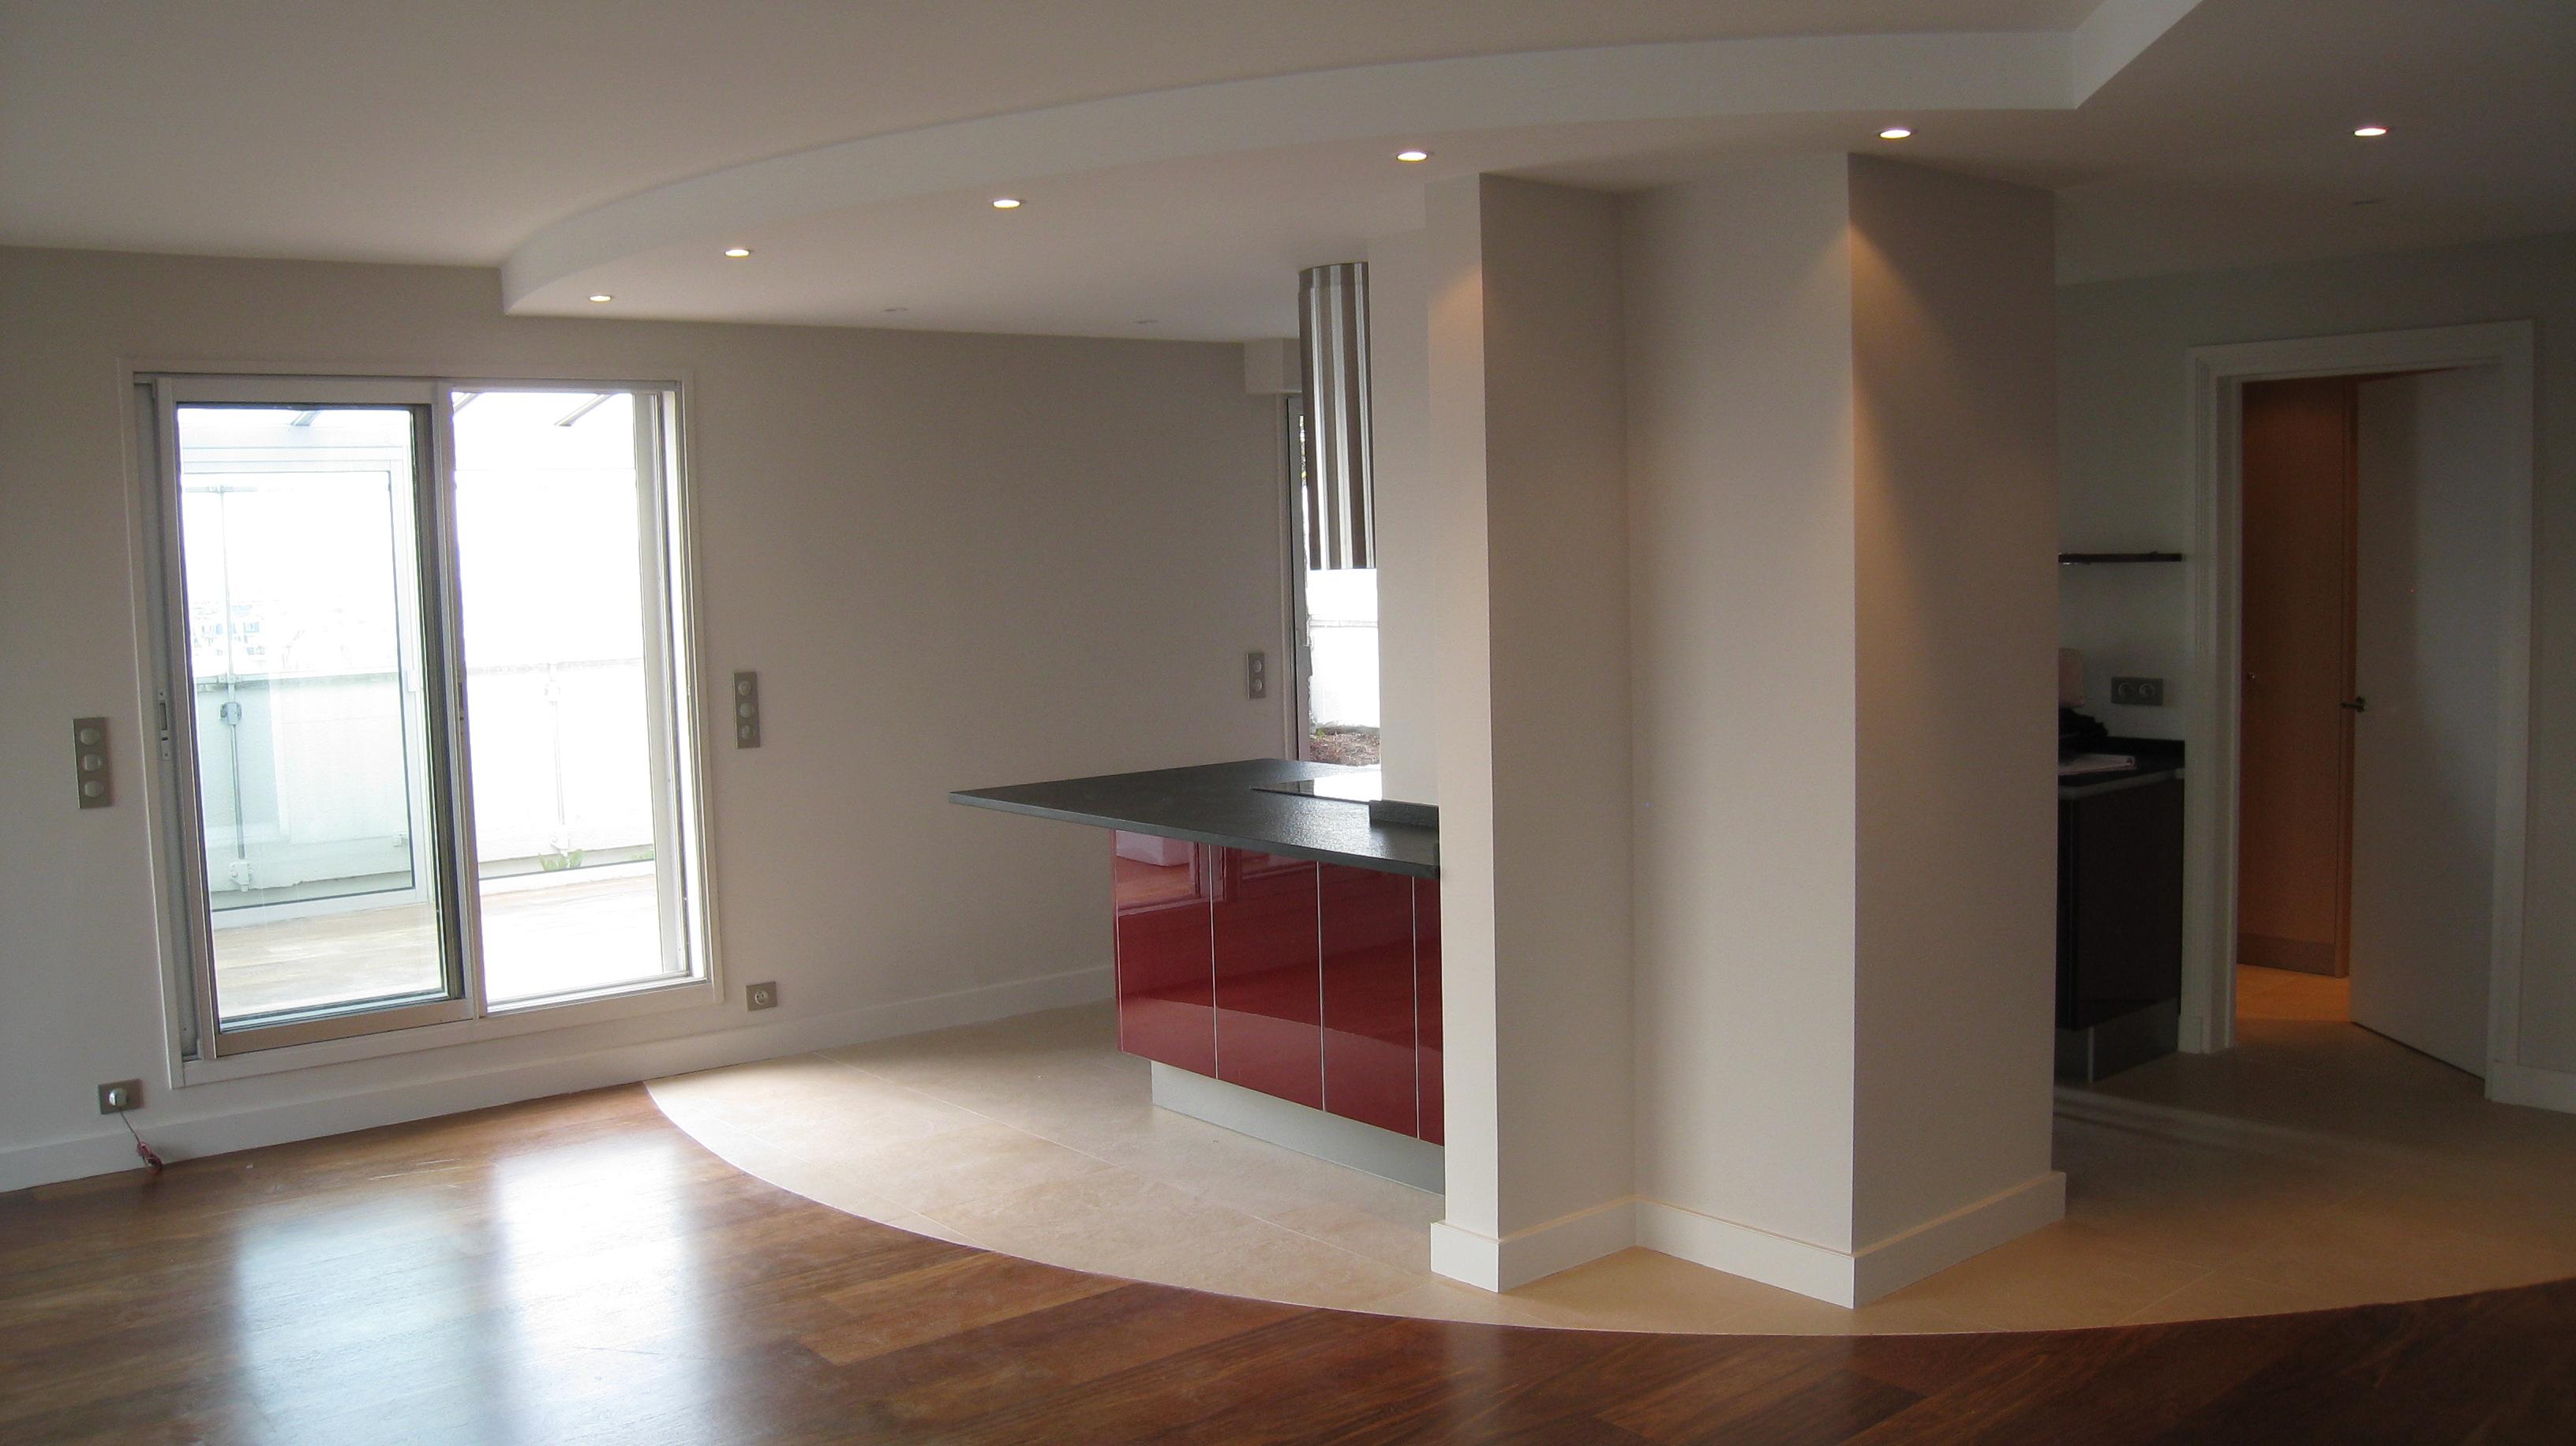 Appartement en espace ouvert neuilly sur seine - Faux plafond cuisine ouverte ...